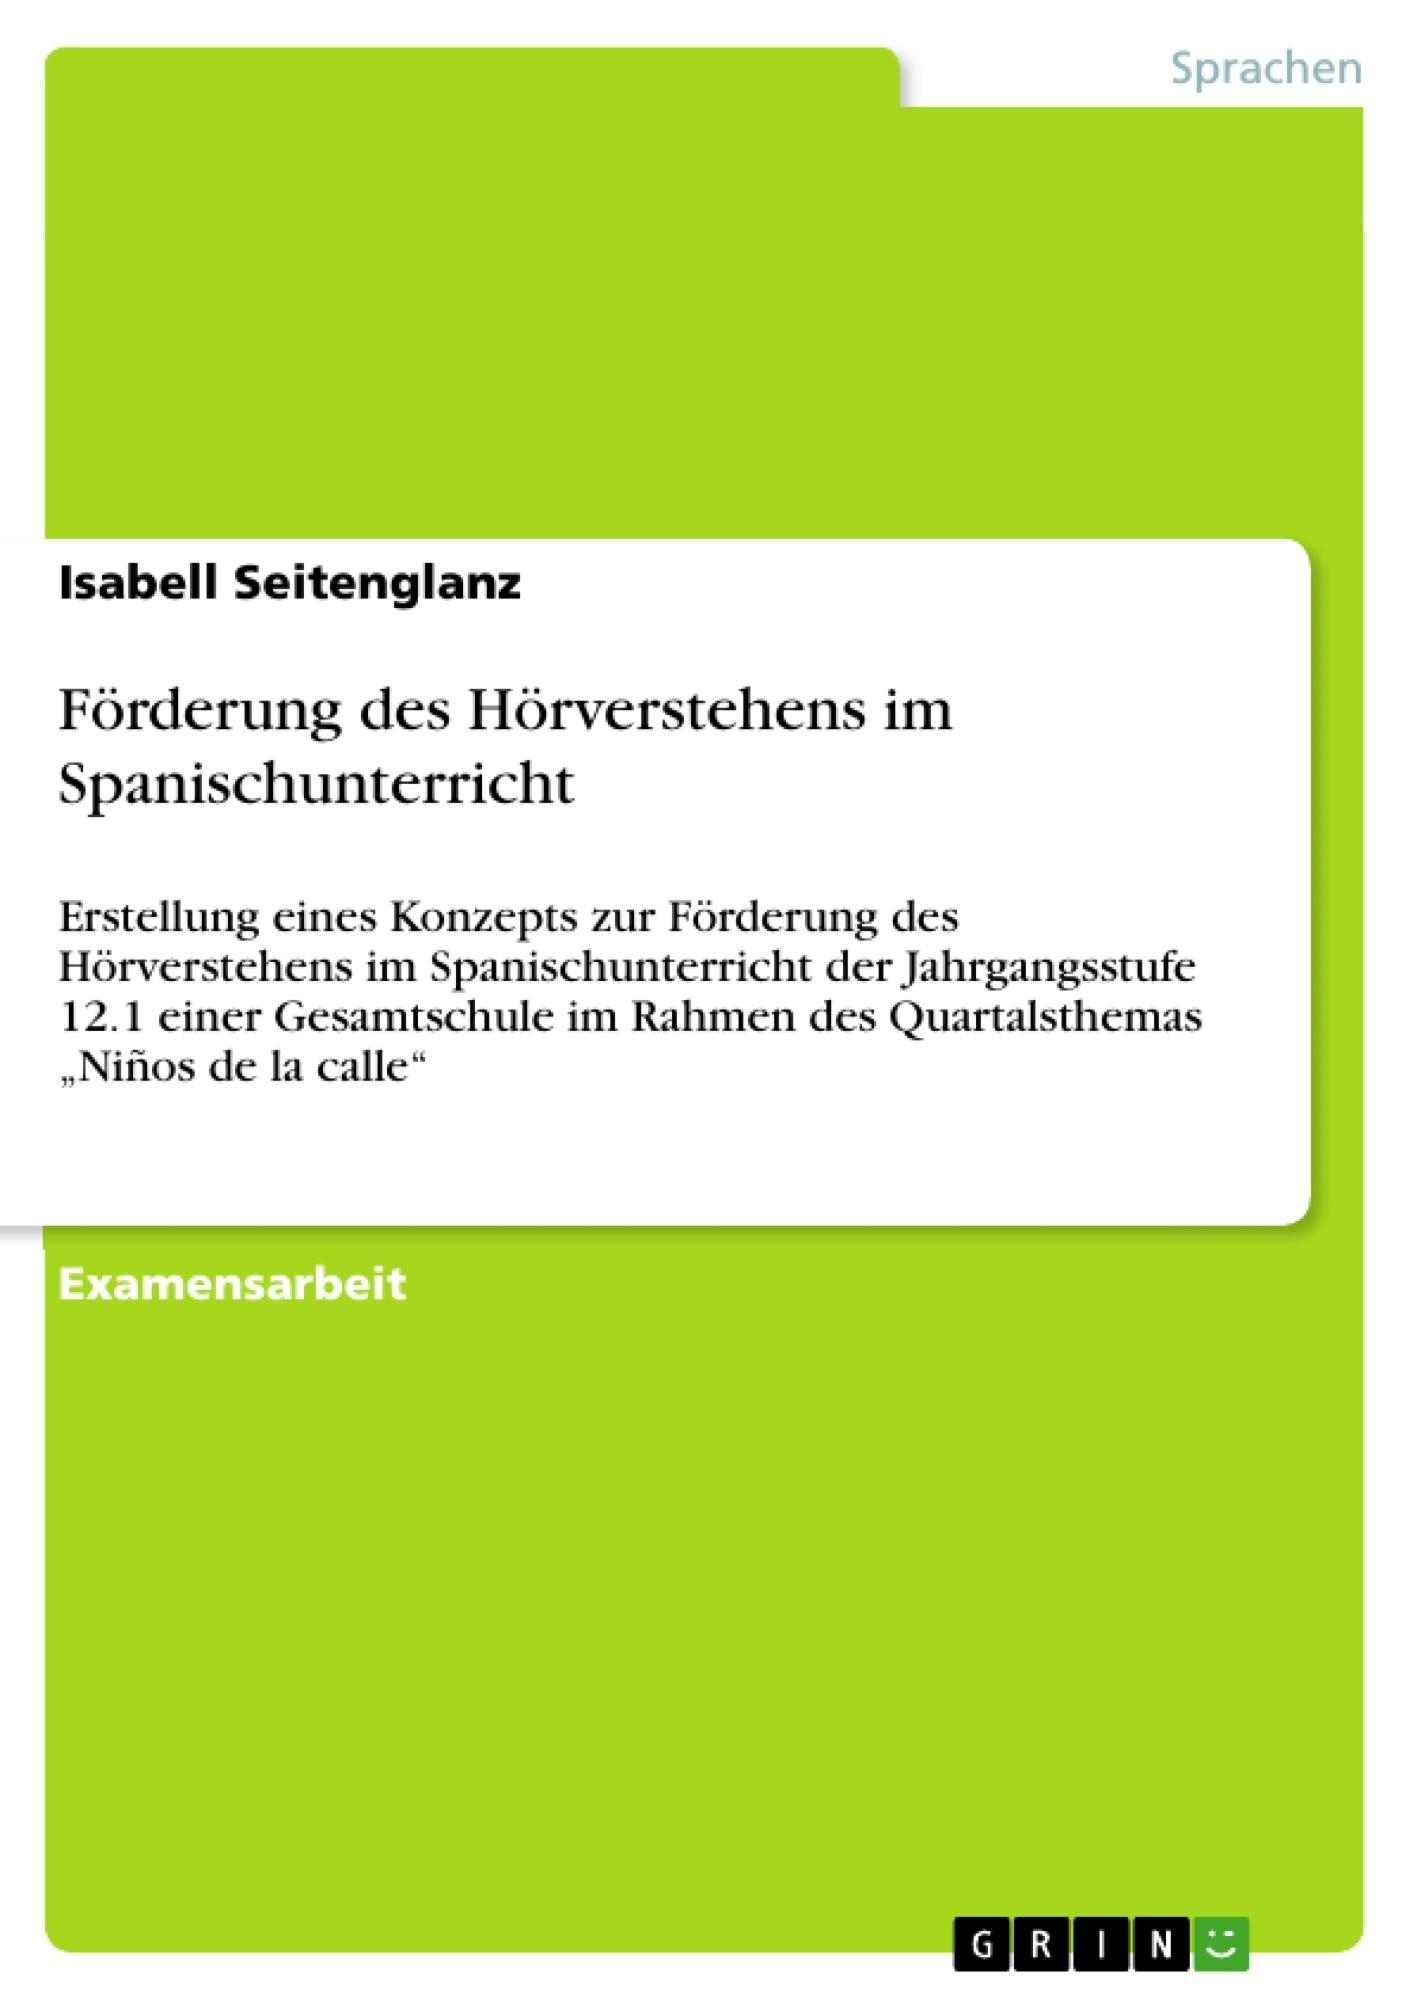 Titel: Förderung des Hörverstehens im Spanischunterricht